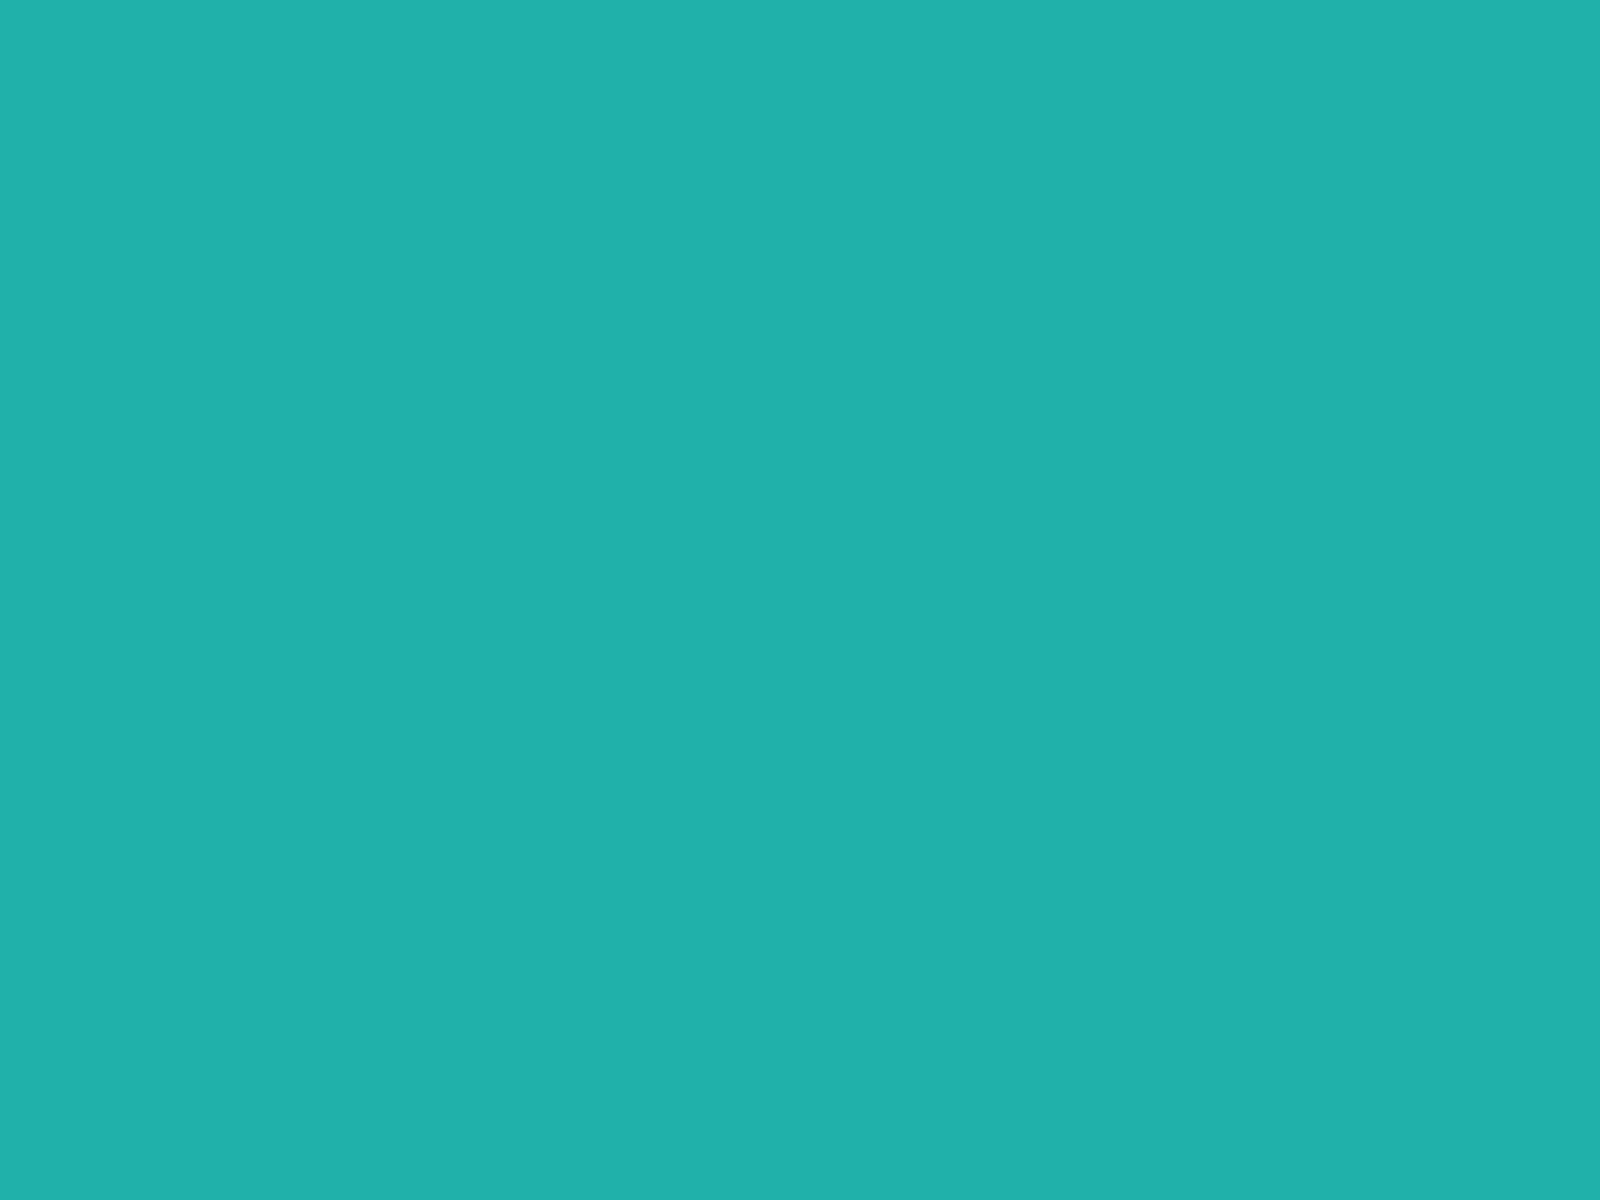 Light Sea Green Color 28 Images Addebd Hex Color